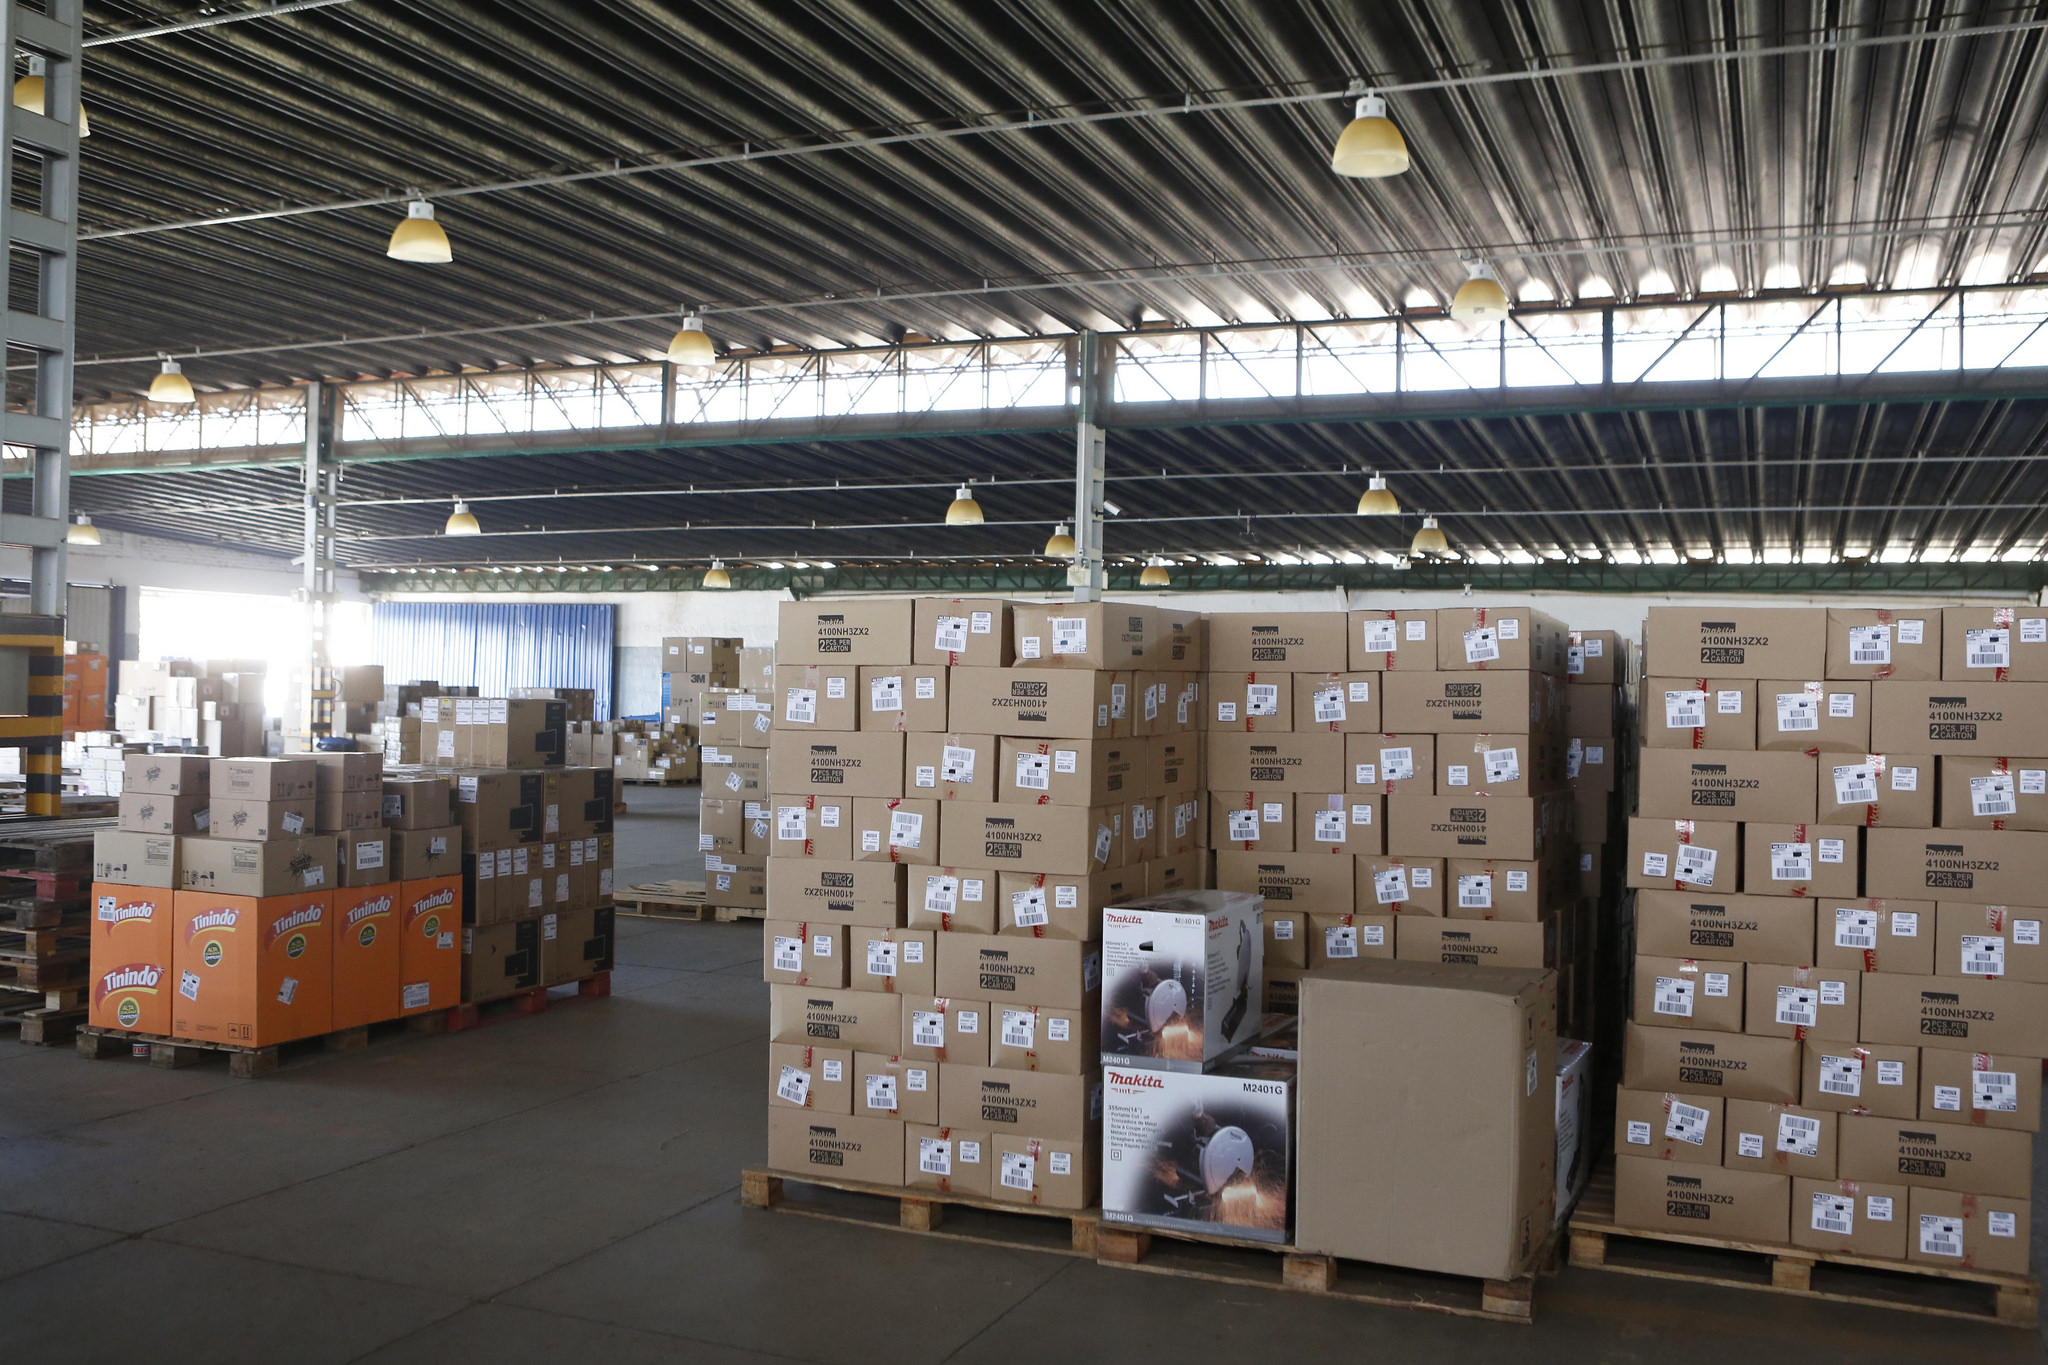 Economia - indústria e comércio - produtos exportação importação comércio eletrônico armazenagem